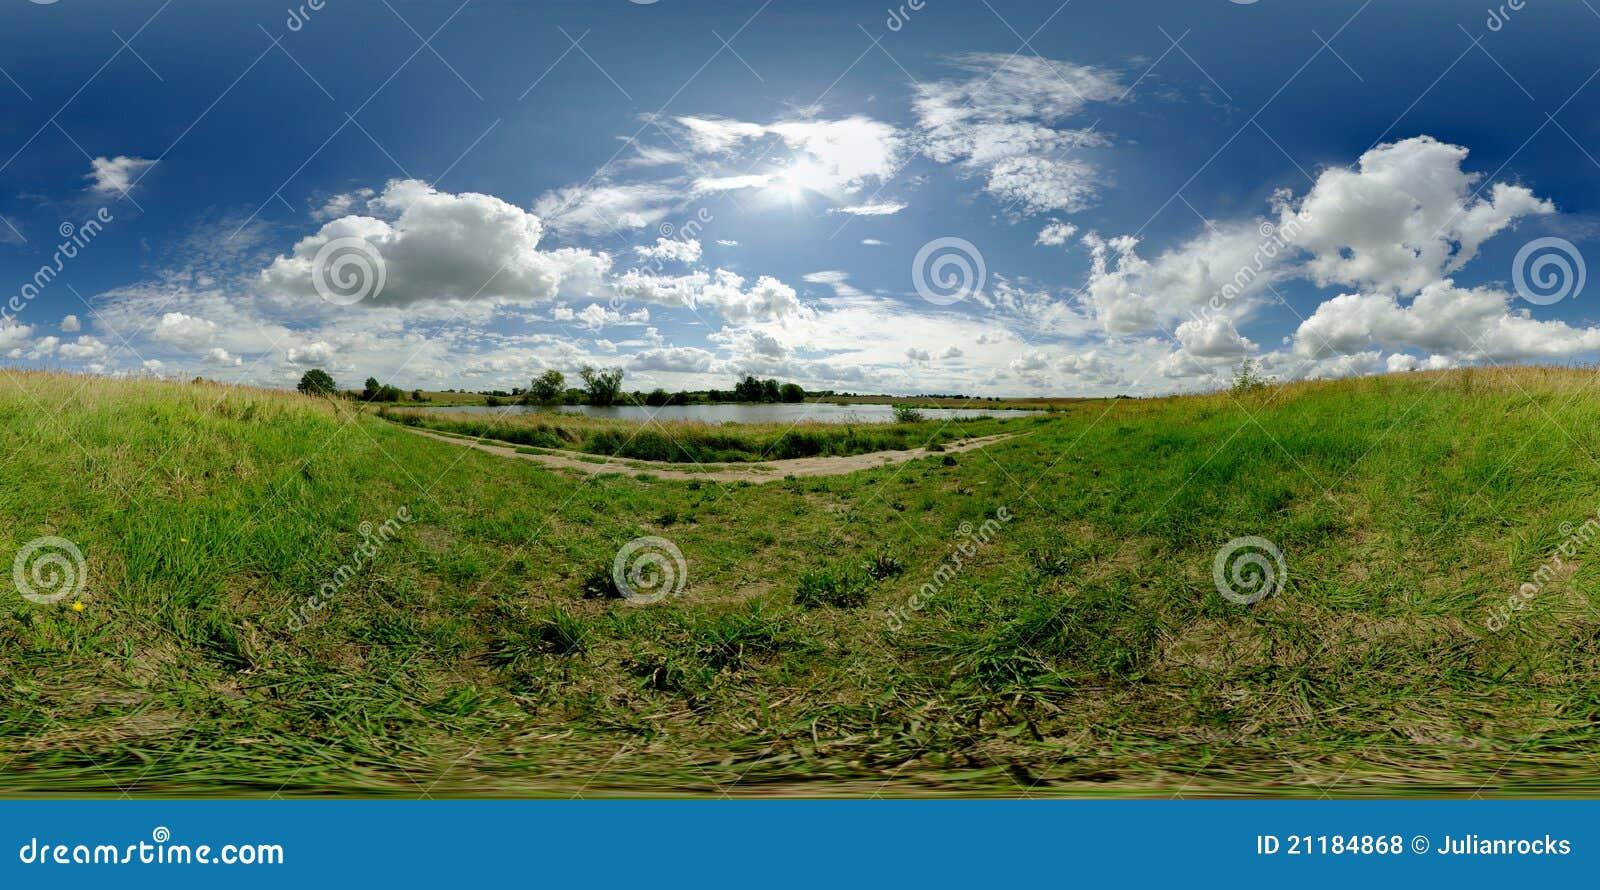 Equirectangular panorama 360 degrees